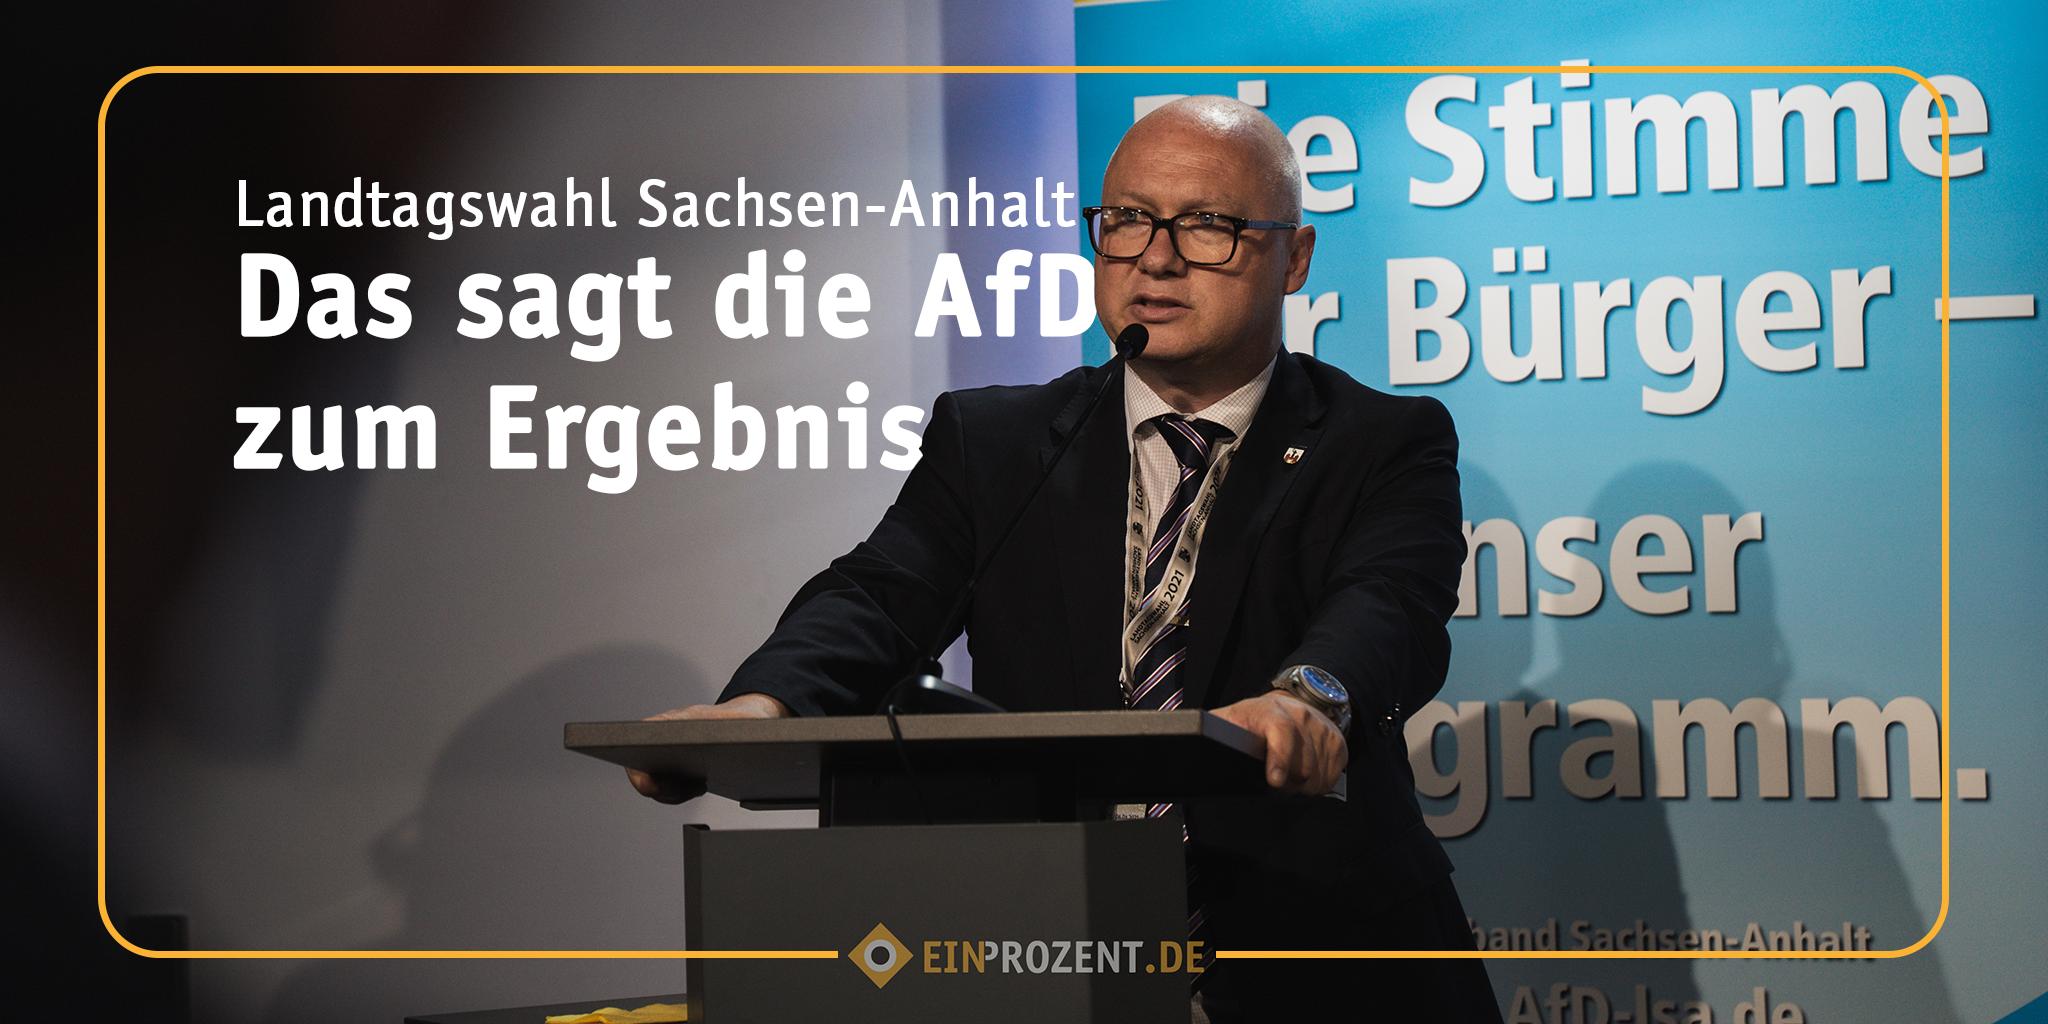 Sachsen-Anhalt: Das sagt die AfD!